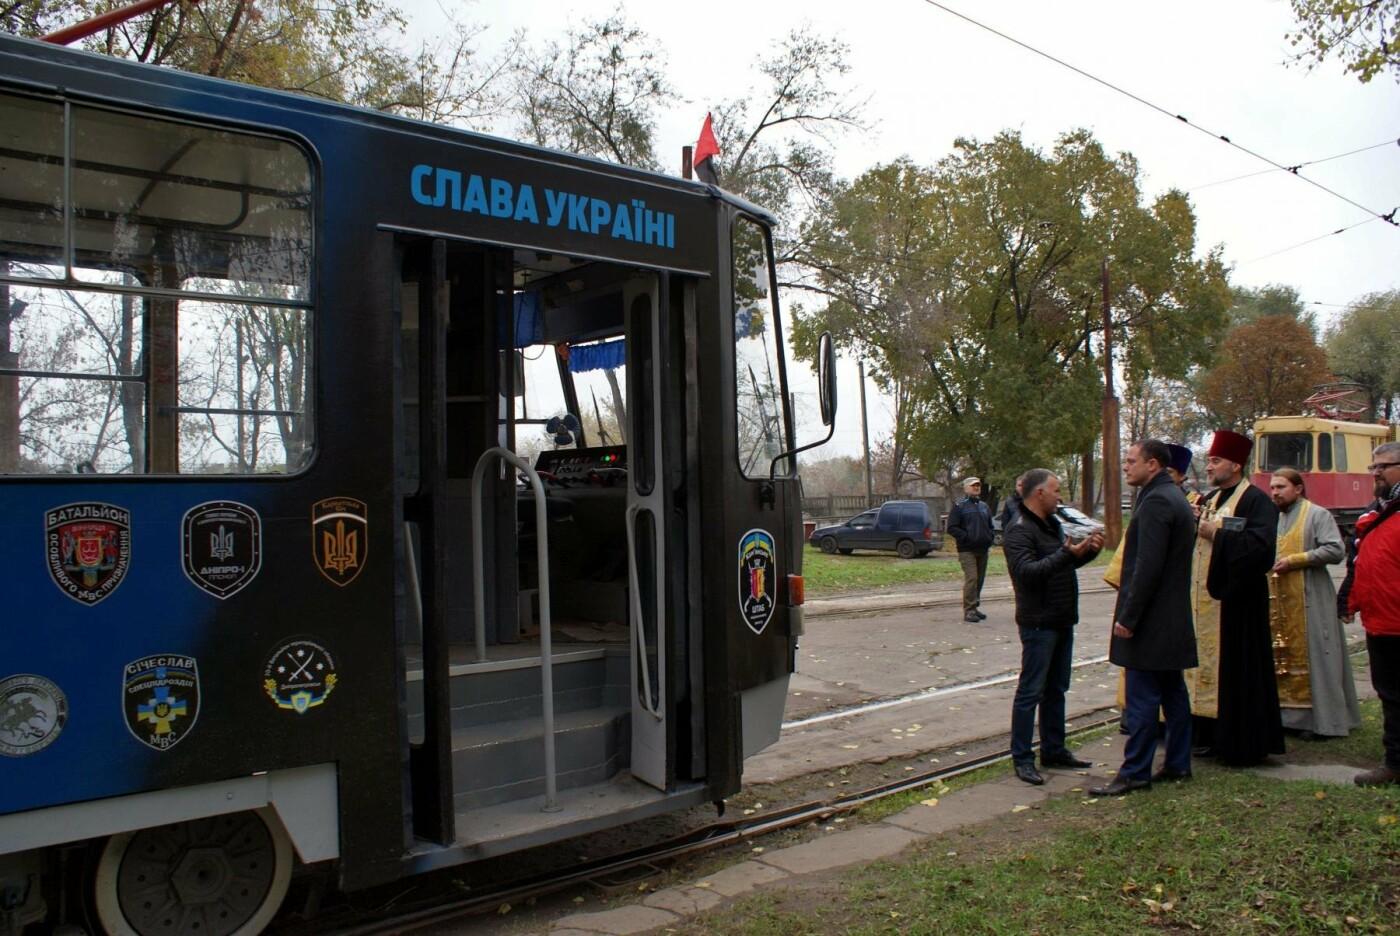 В Каменском появился патриотический трамвай, фото-3